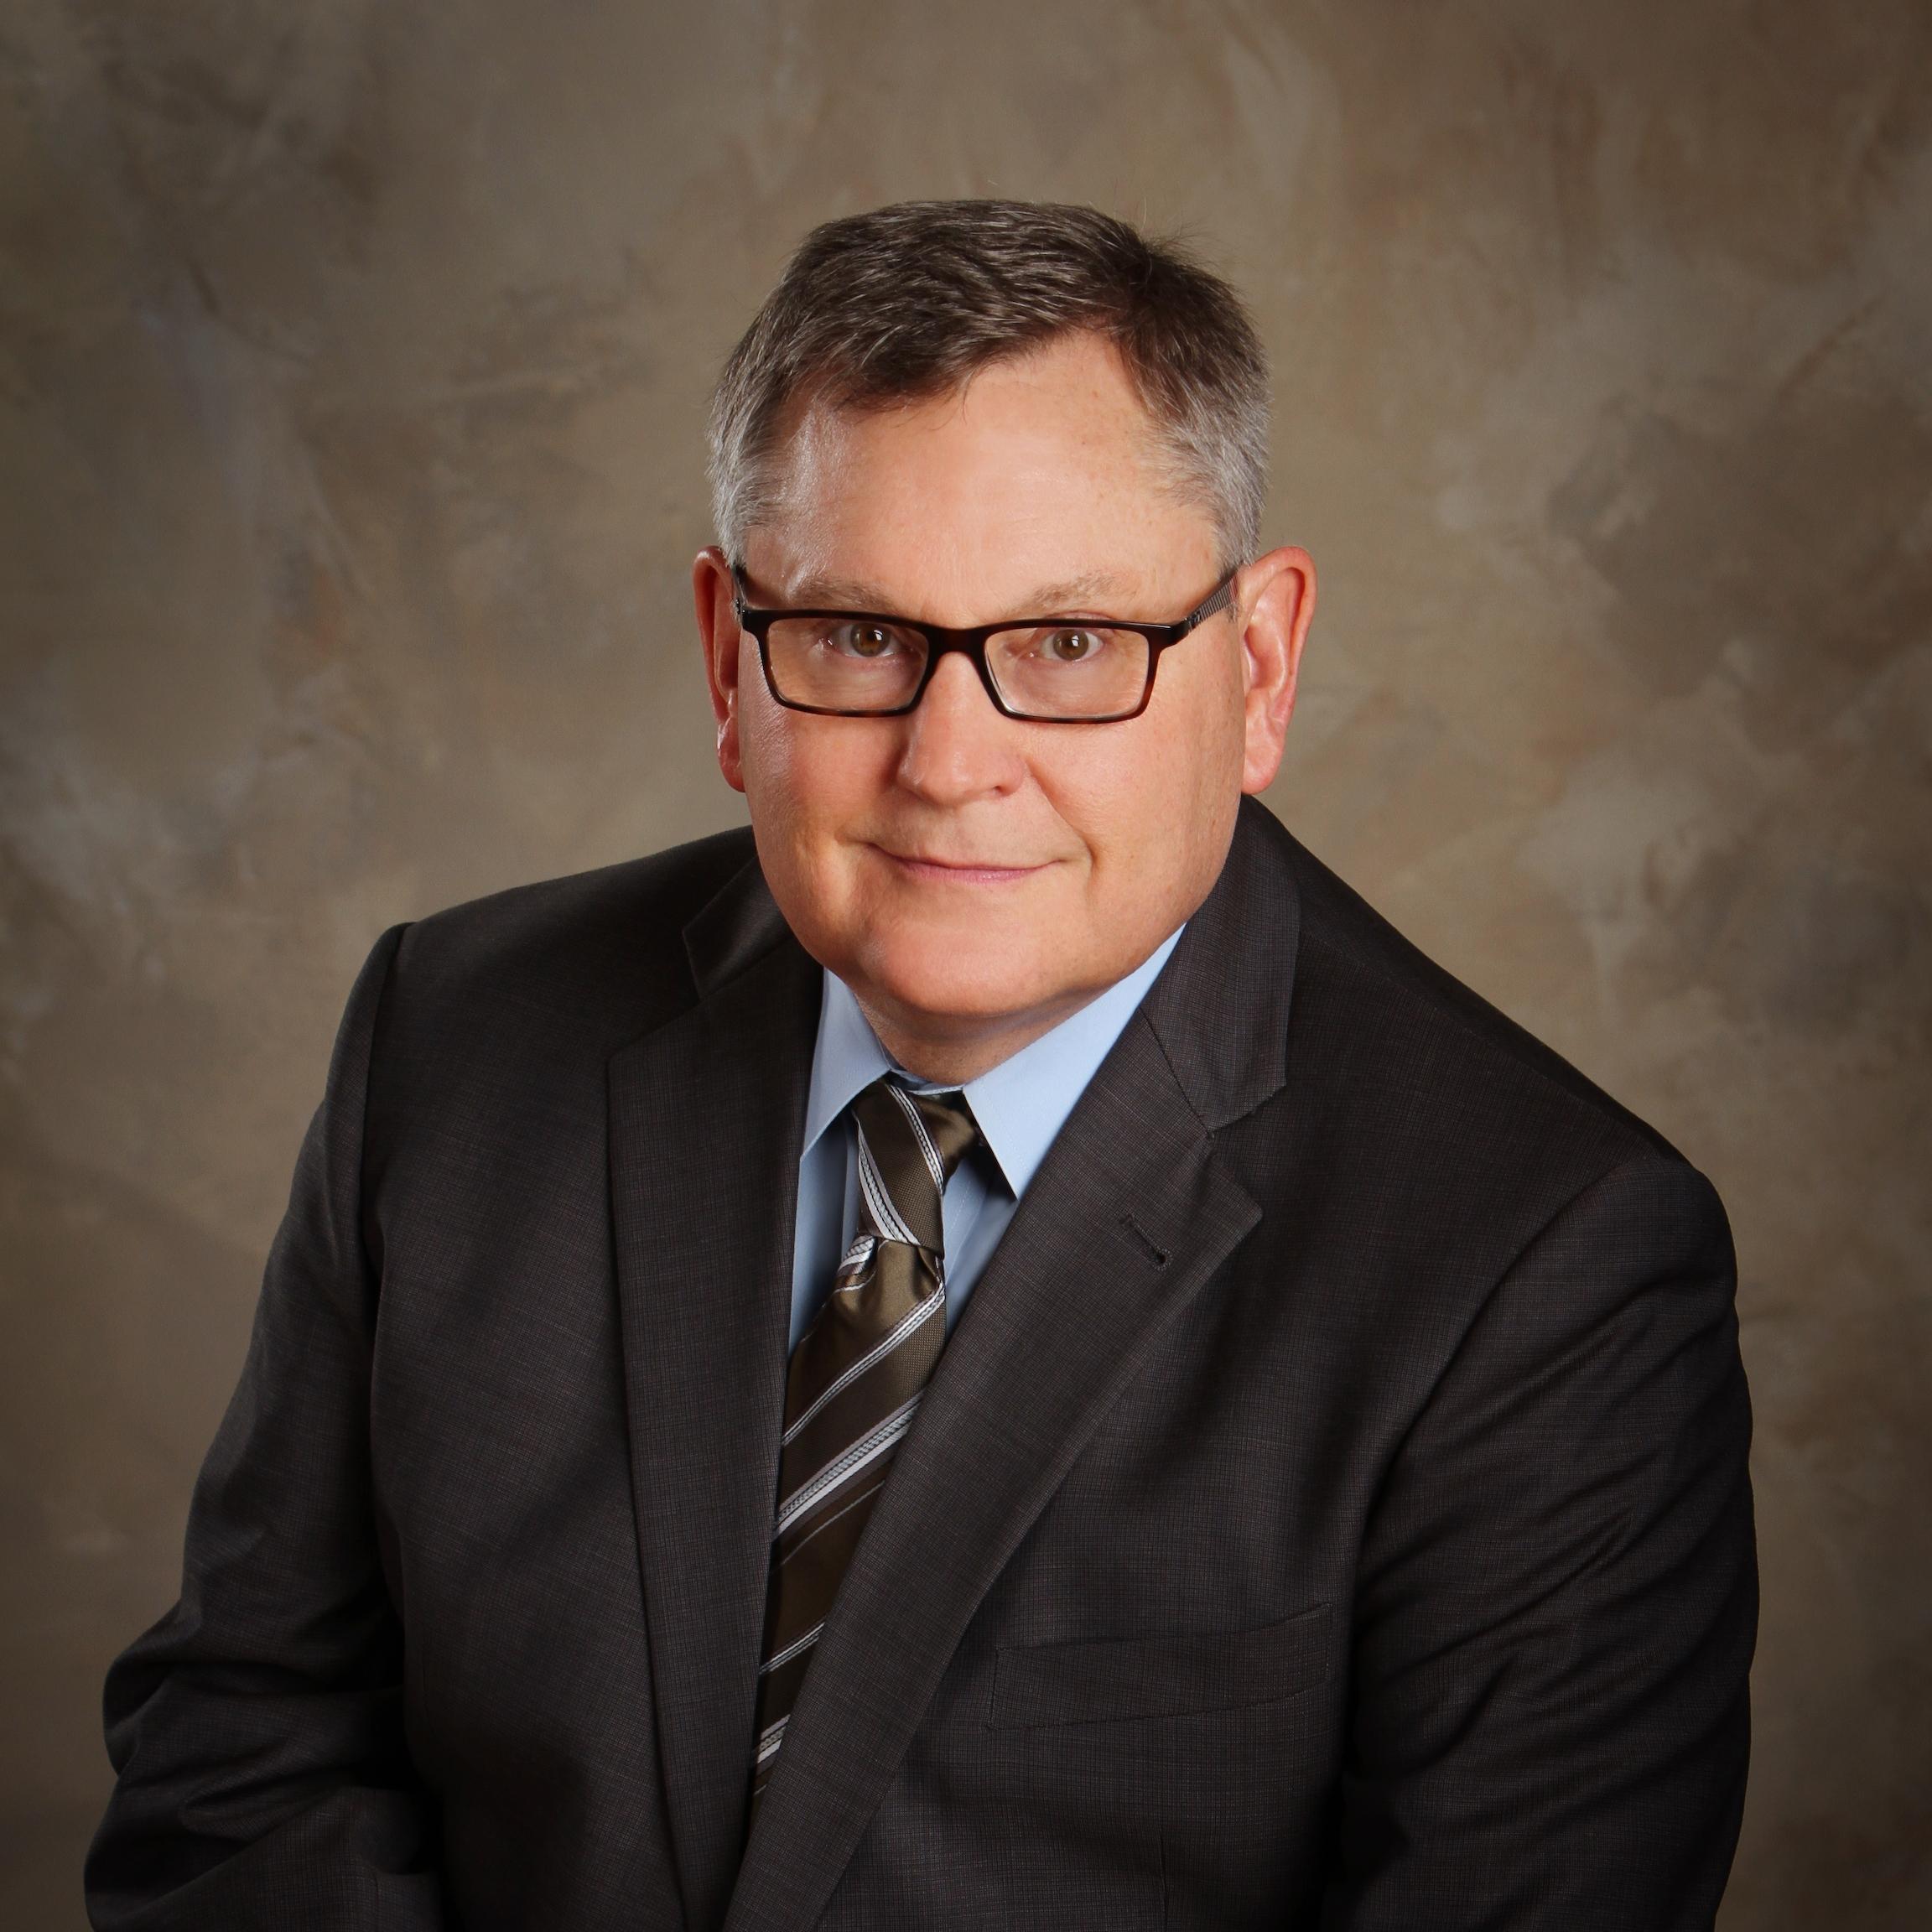 Dr. Wm. Philip Werschler, Werschler Aesthetics